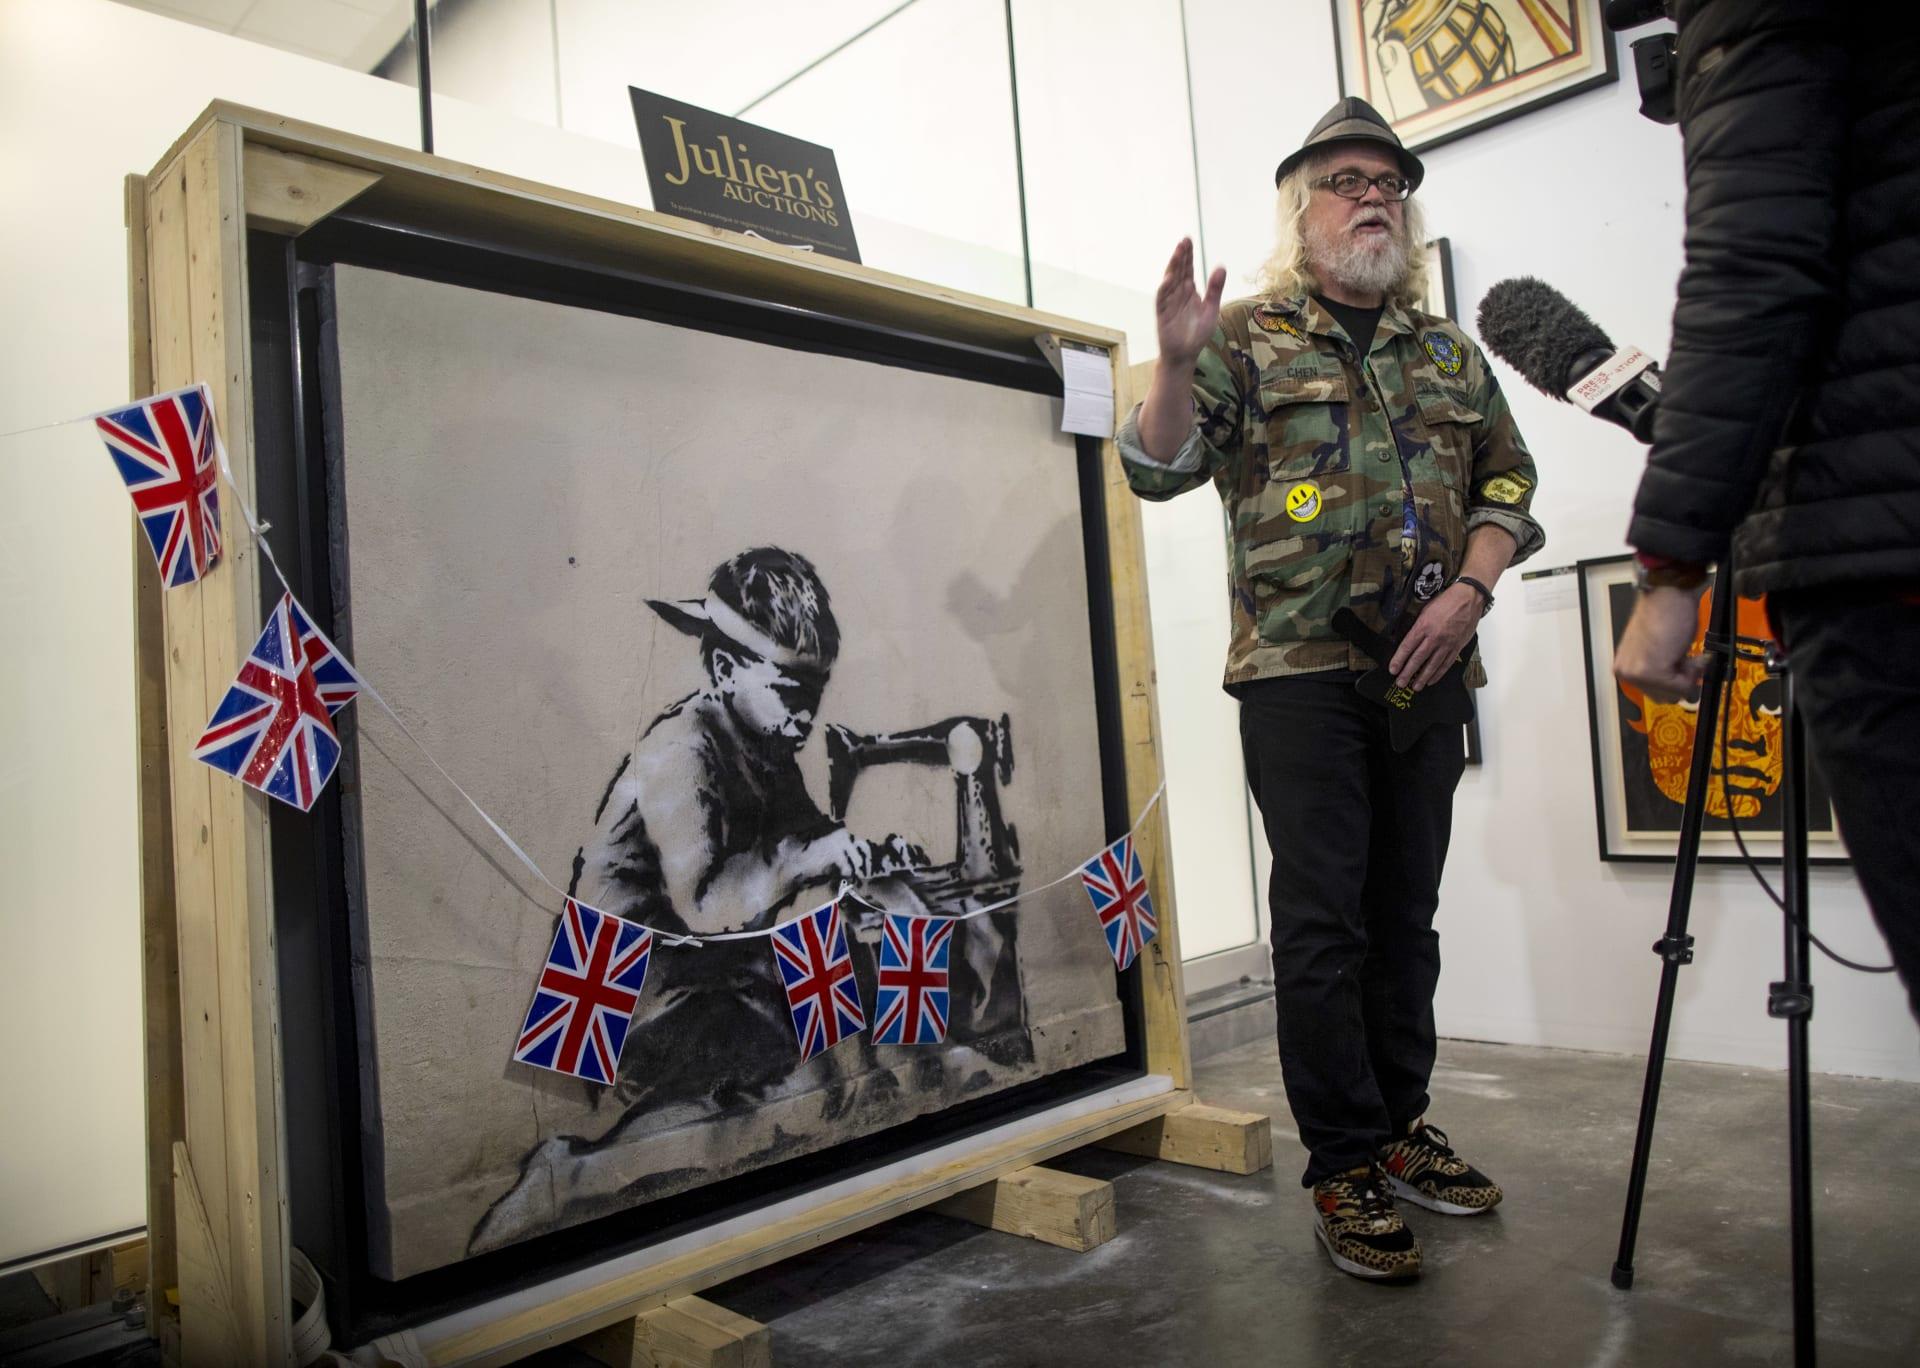 فنان يخطط لتدمير لوحة لبانكسي بعد شرائها مقابل 730 ألف دولار